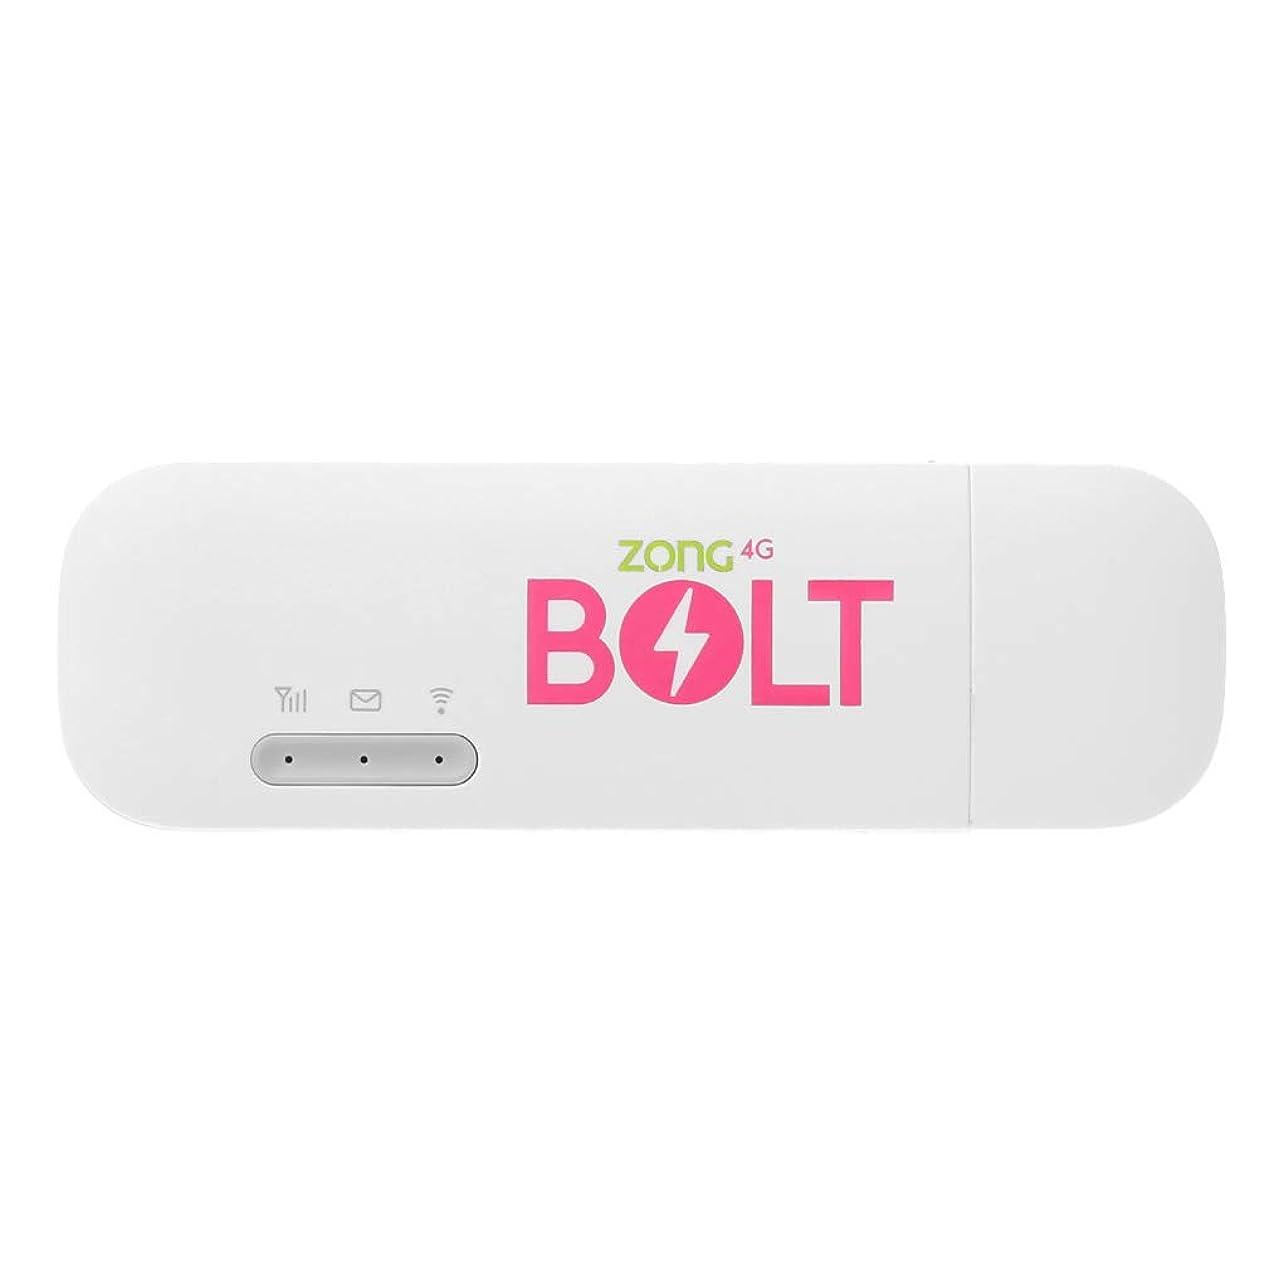 突進感嘆符悲しむBaoyouls Huawei E8372h-153 WiFiホットスポット150Mbps LTE 4G LTE FDD 800/900/1800/2100/2600 mhz PCモデムノートパソコン携帯電話タブレット用ロック??解除